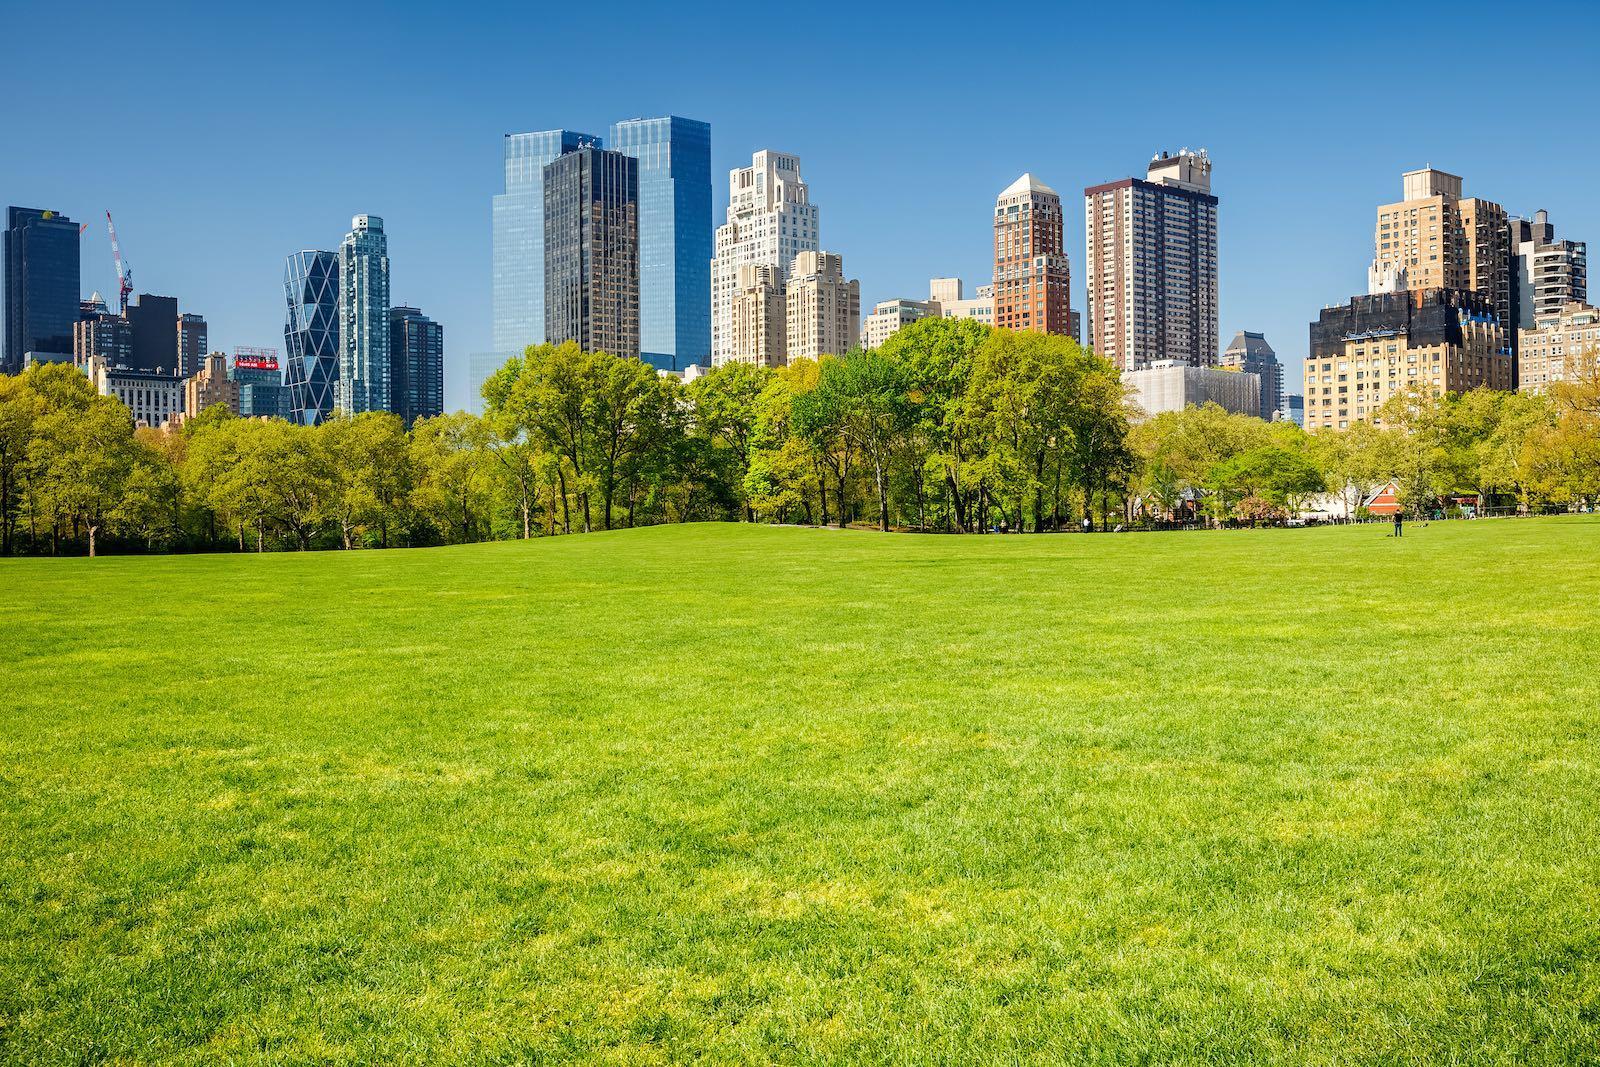 Un día de sol en el Central Park de Nueva York en verano